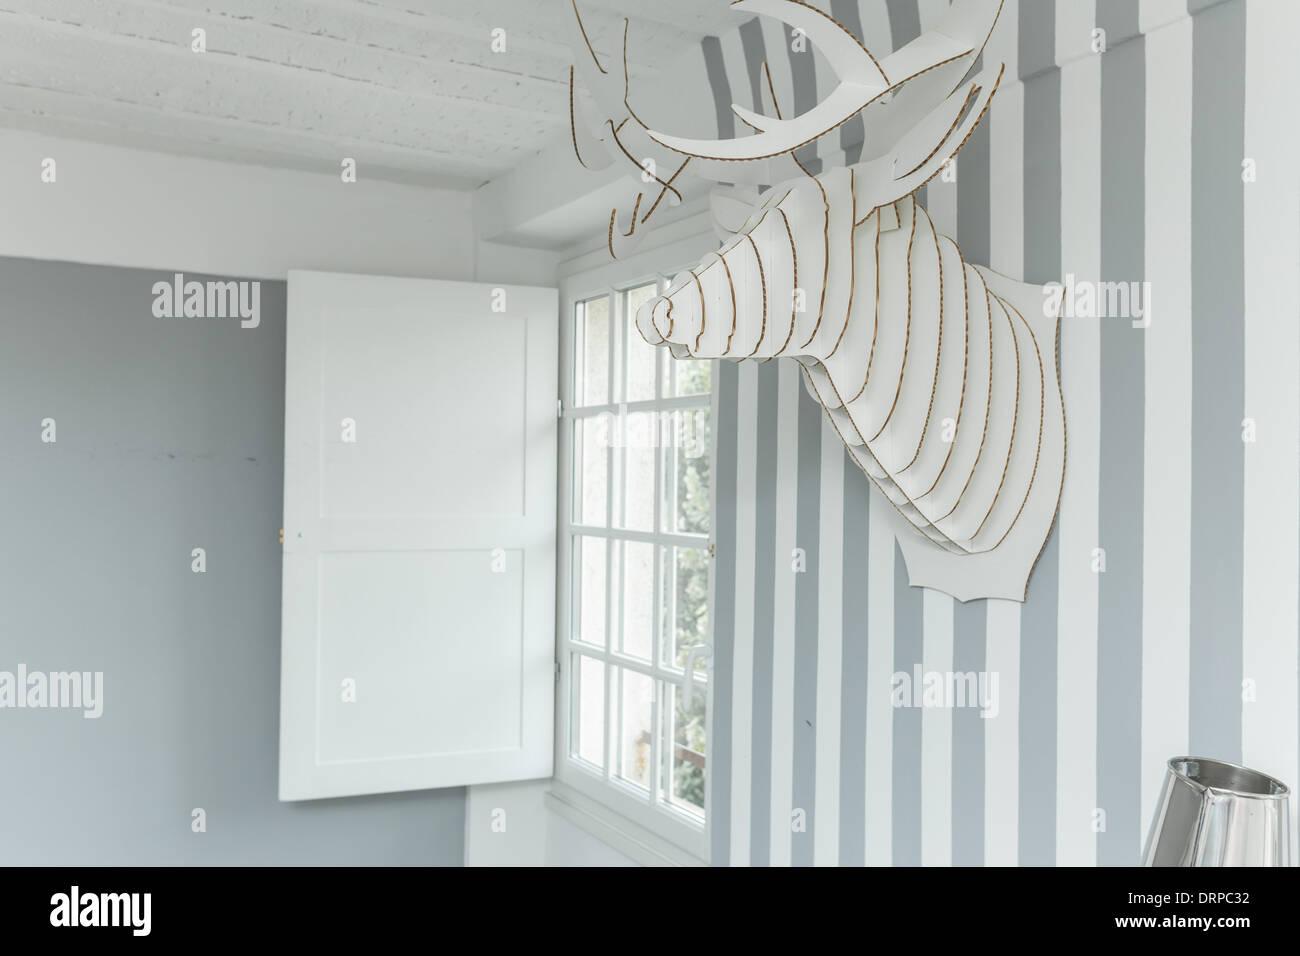 Deko Hirschkopf An Der Wand In Gestreifte Tapete Bedeckt Stockfoto